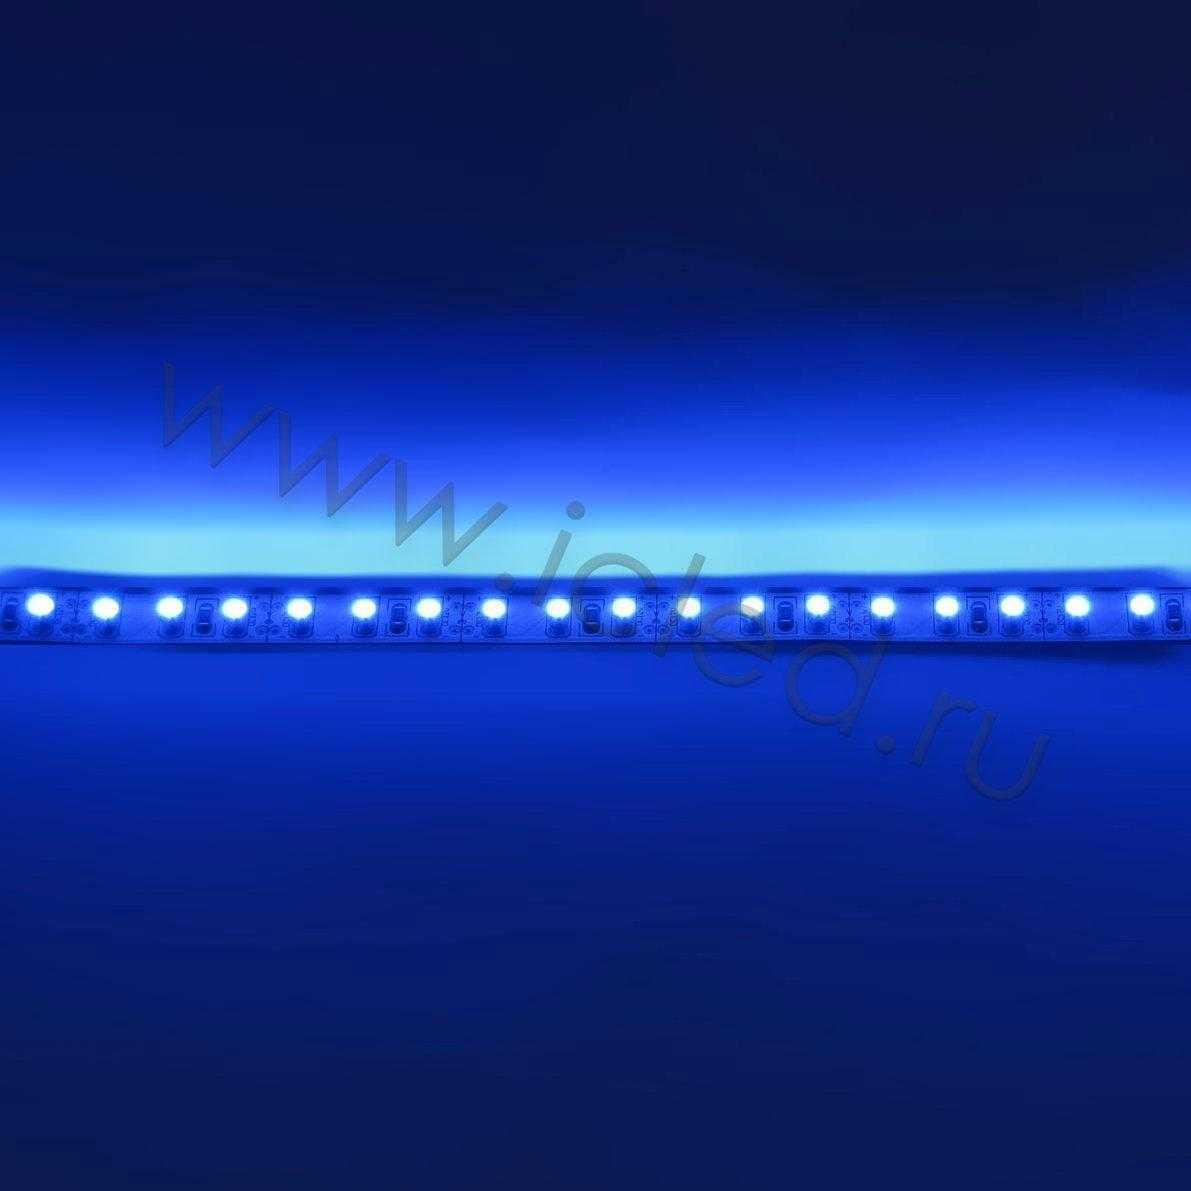 Светодиодная лента Class B, 3528, 120 led/m, Blue, 12V, IP33